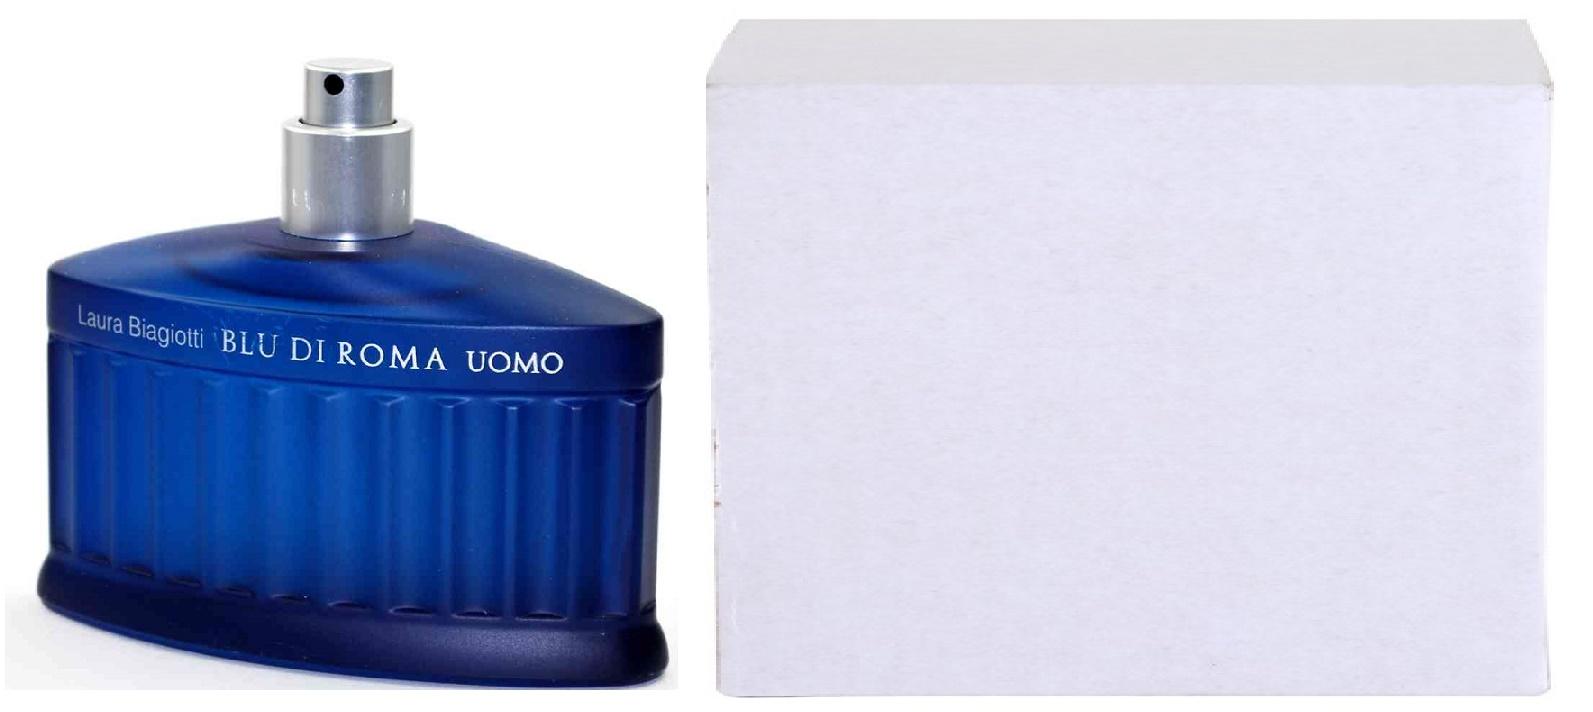 Laura Biagiotti Blu di Roma Uomo, Toaletní voda - Tester, 125ml, Pánska vôňa, + AKCE: dárek zdarma